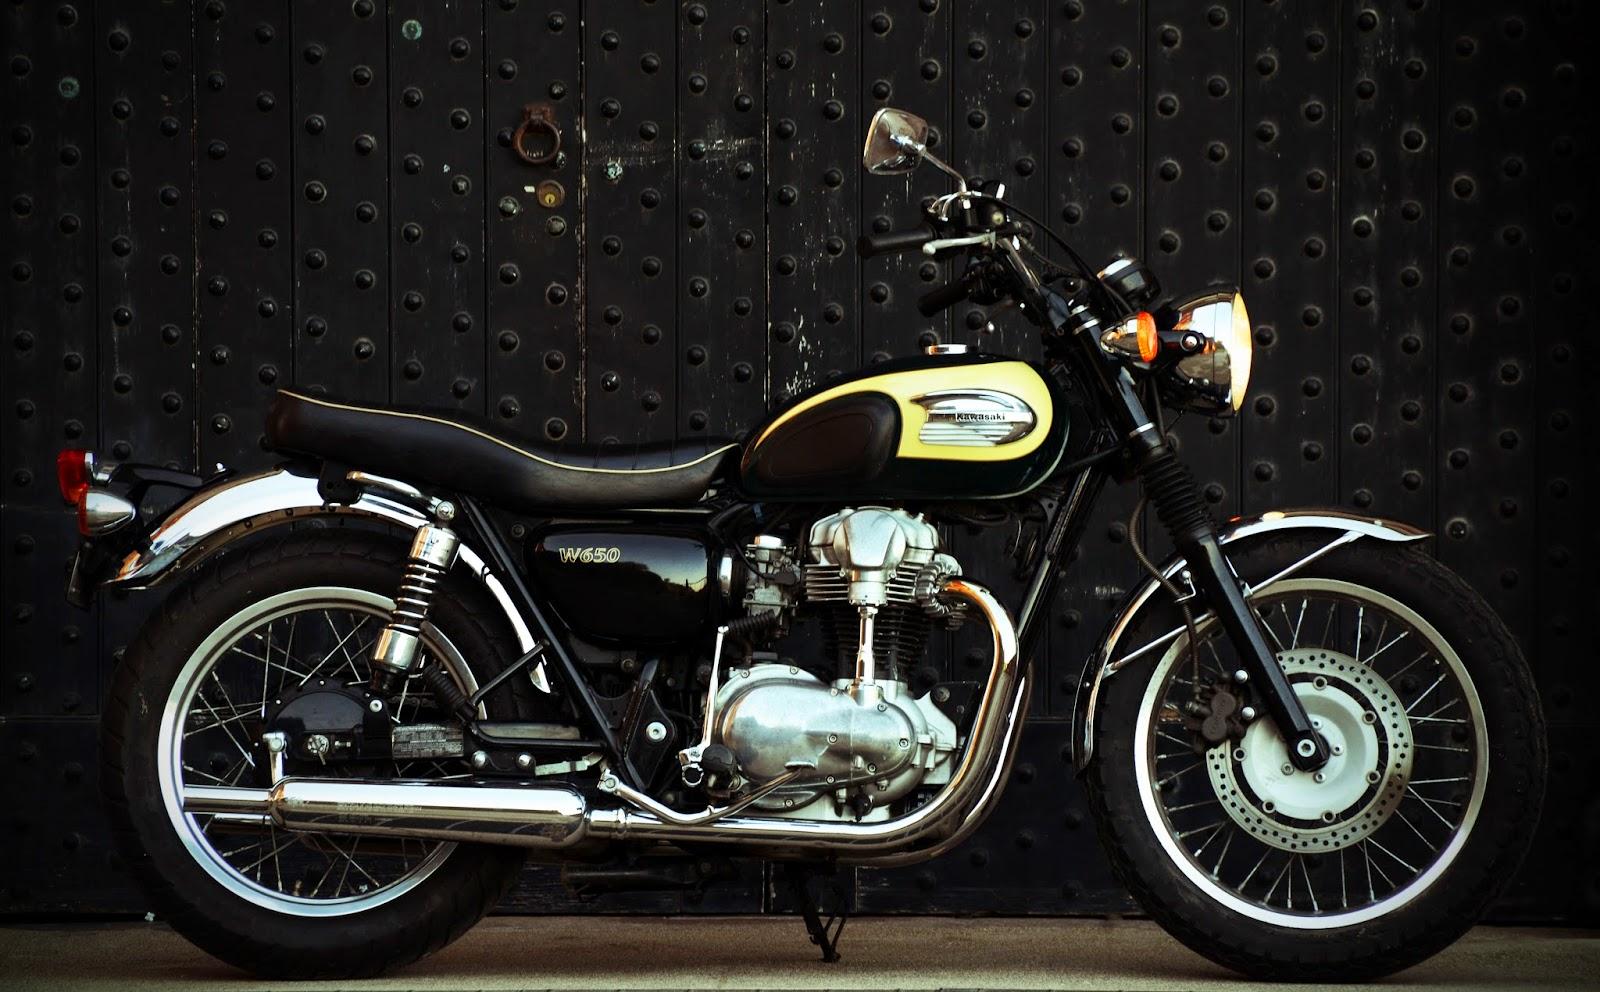 1987 Kawasaki ZL1000